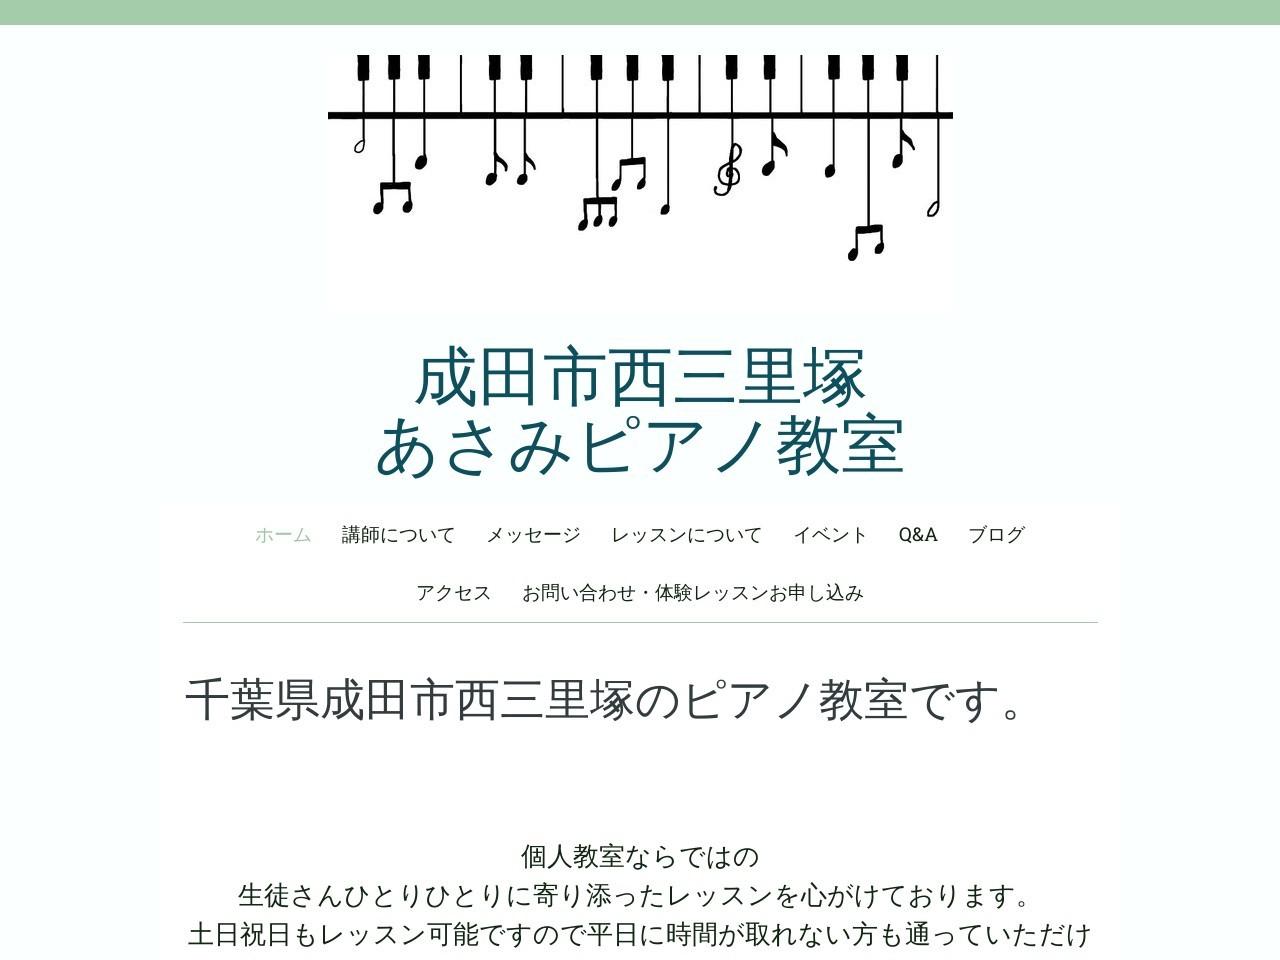 西三里塚ピアノ教室のサムネイル